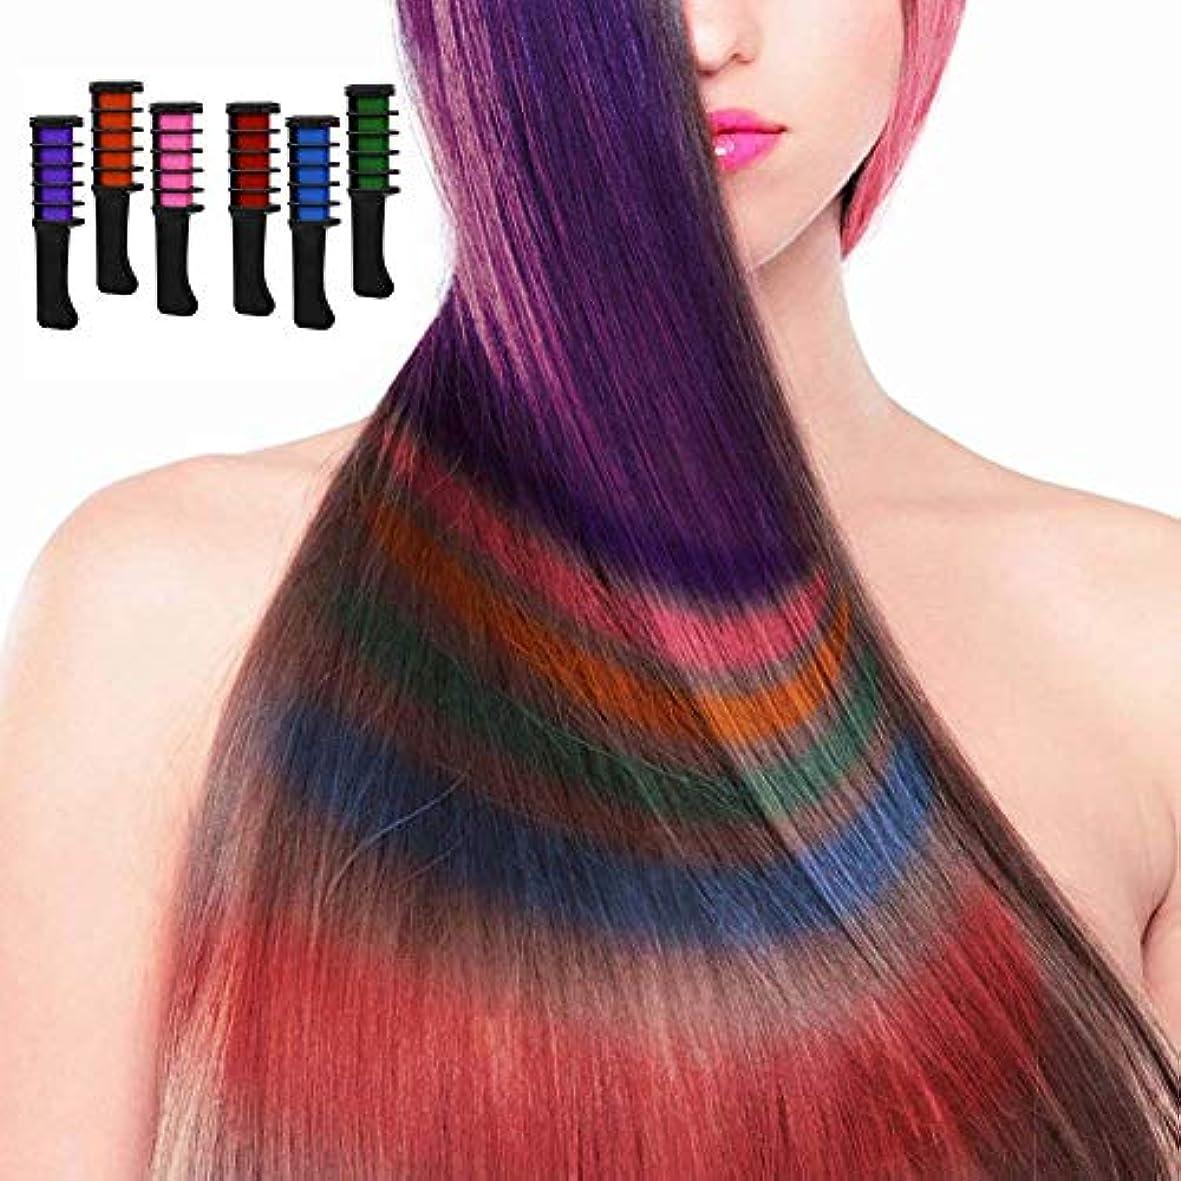 排泄物軽減クレーン使い捨てヘアダイスティック一時的なヘアカラークリームはすべての髪の色で動作しますDIYパーティーコスプレハロウィン(6色)